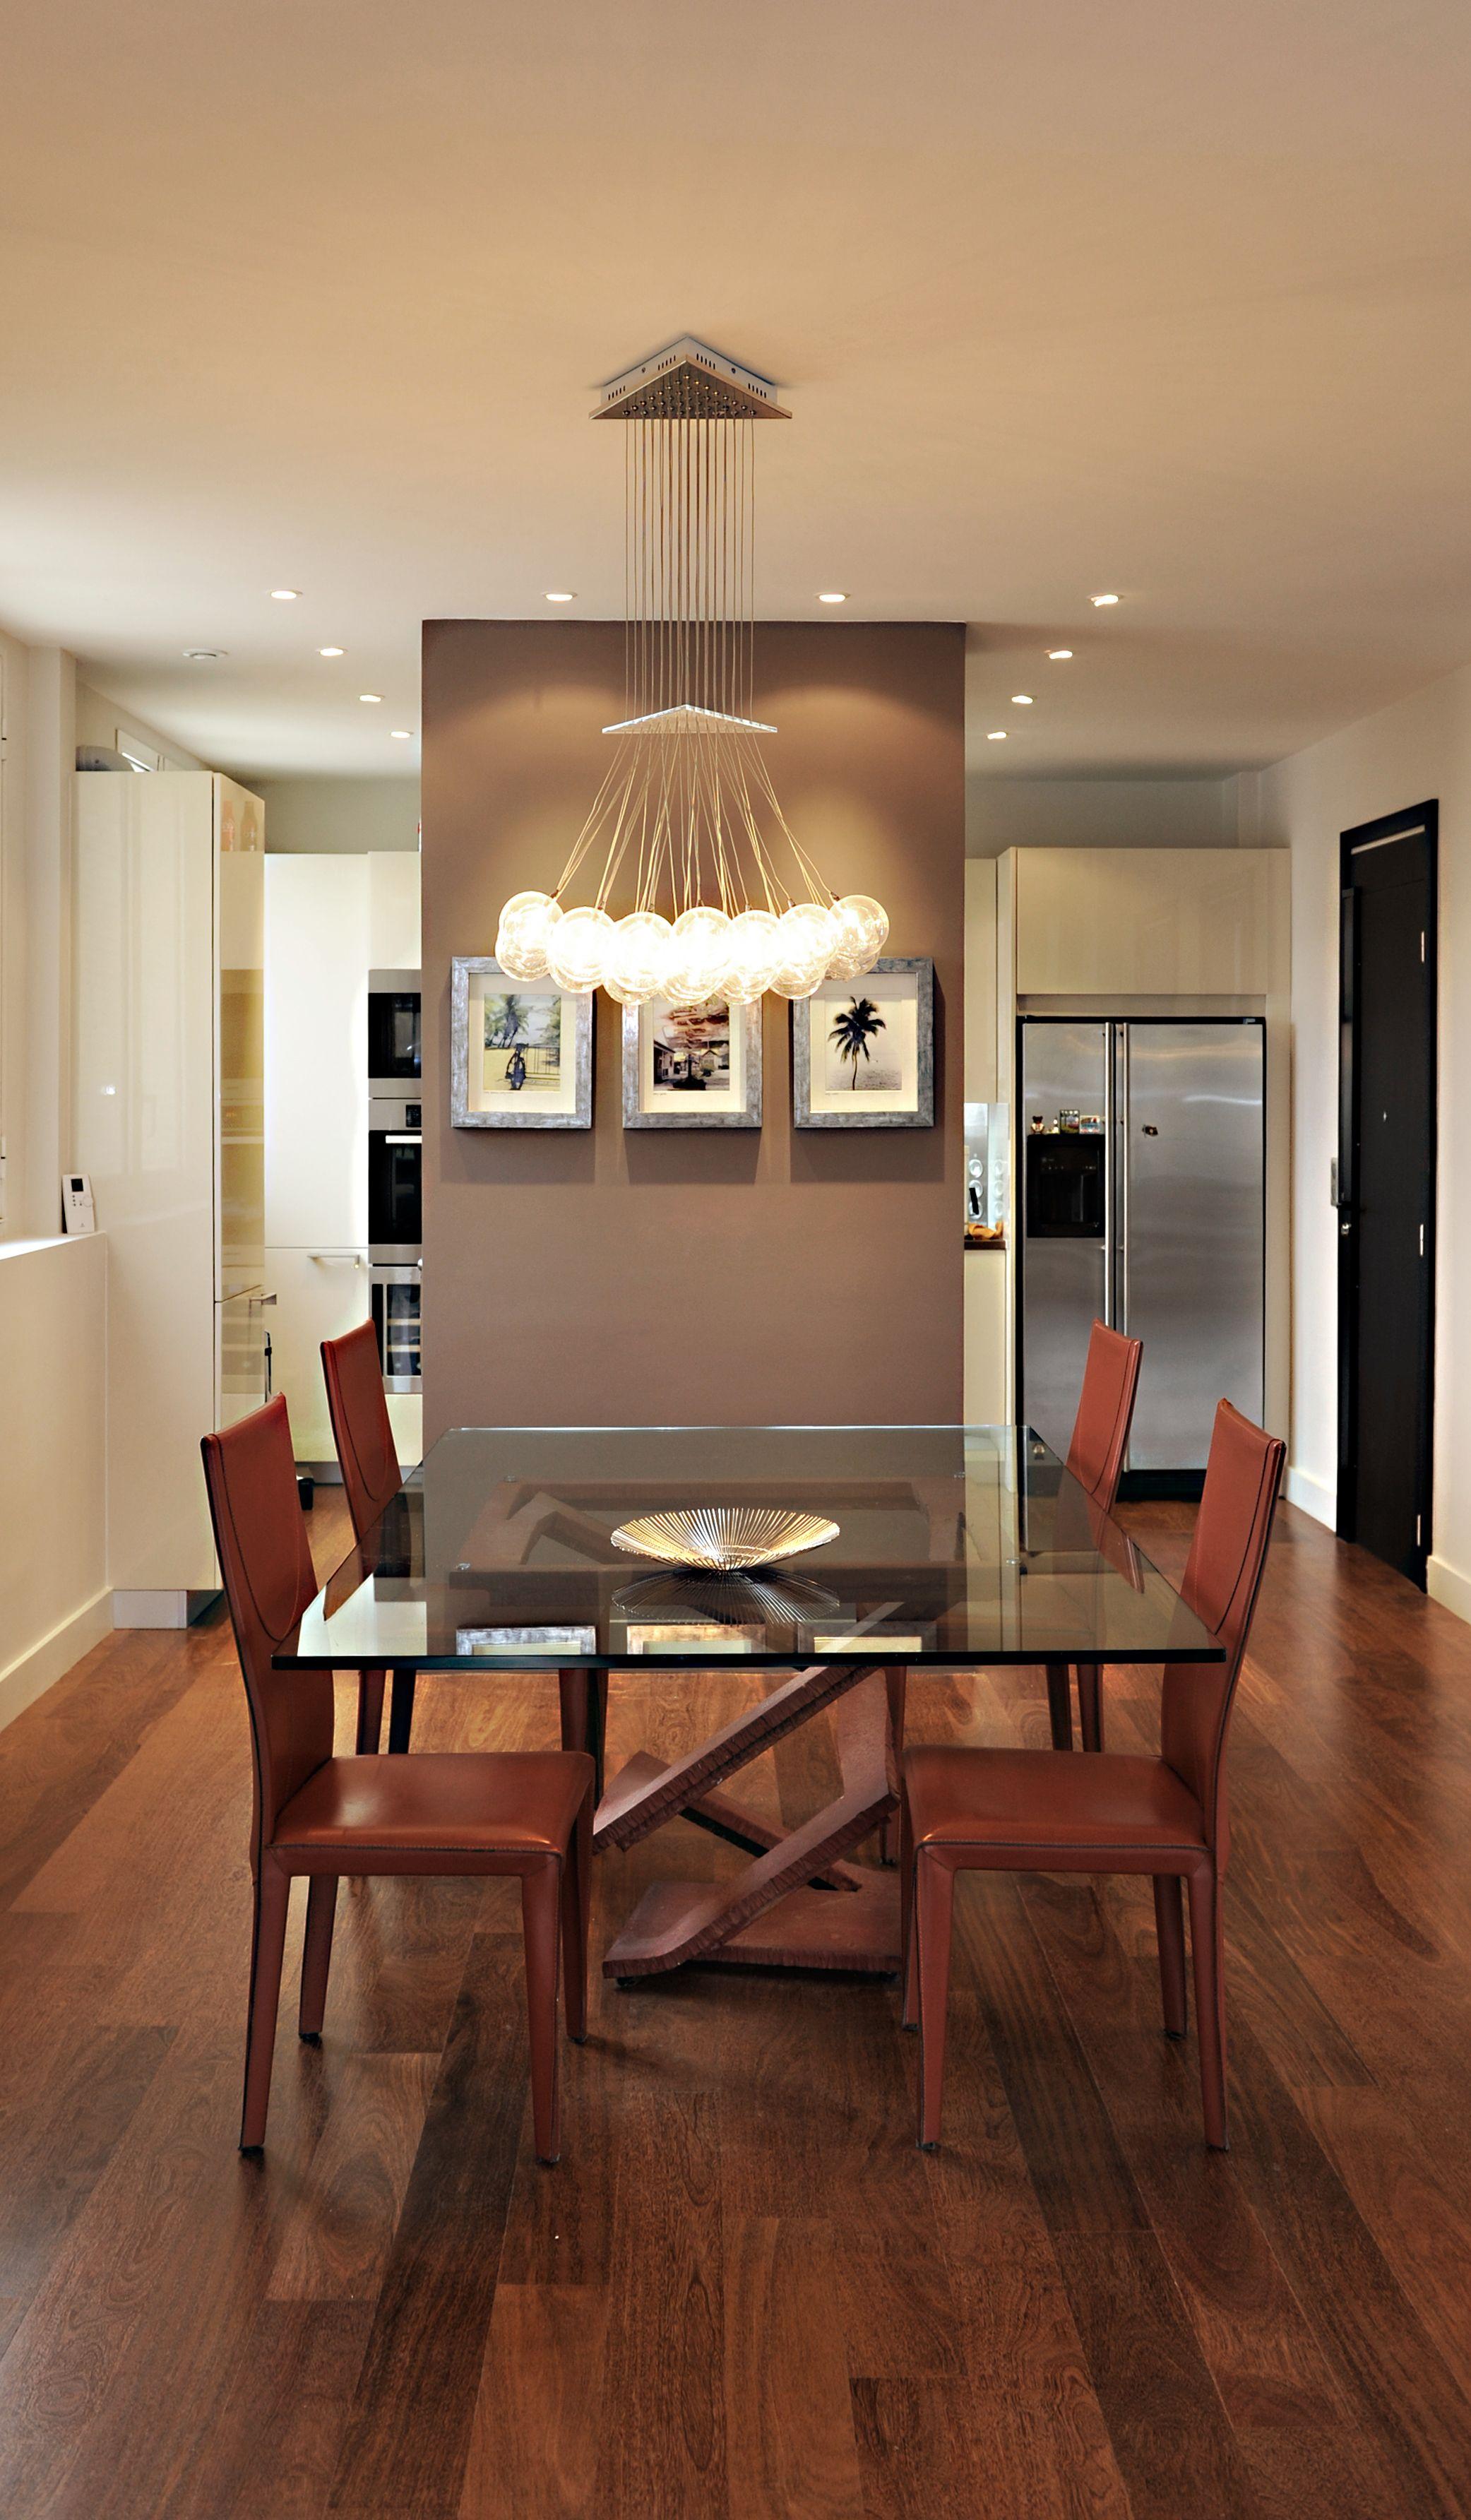 Architecte D Intérieur Cfai séparation sobre entre la cuisine et la salle à manger